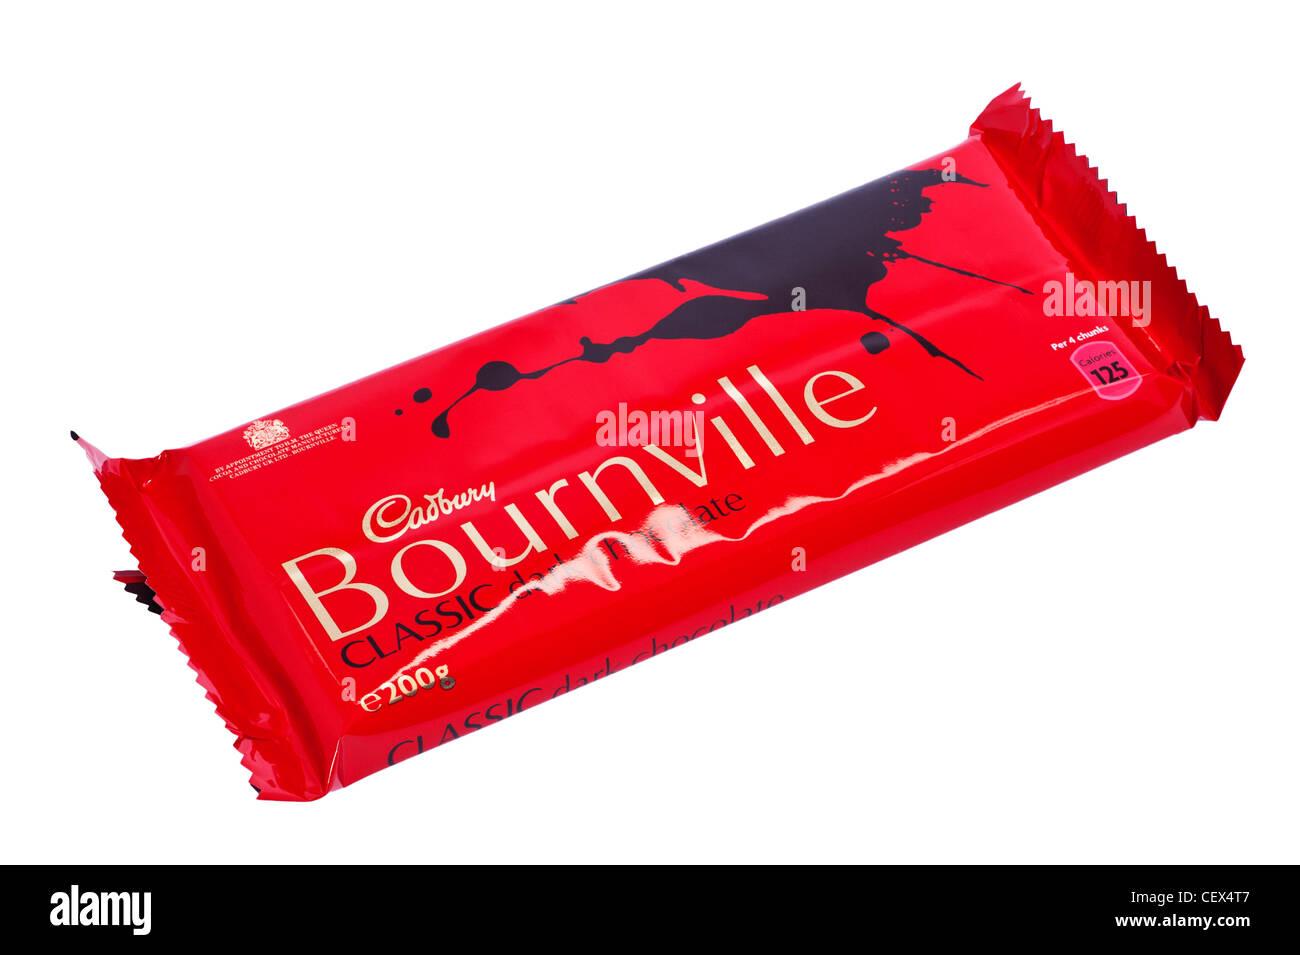 Un bar di Cadbury Bournville classic dark cioccolato fondente su sfondo bianco Immagini Stock